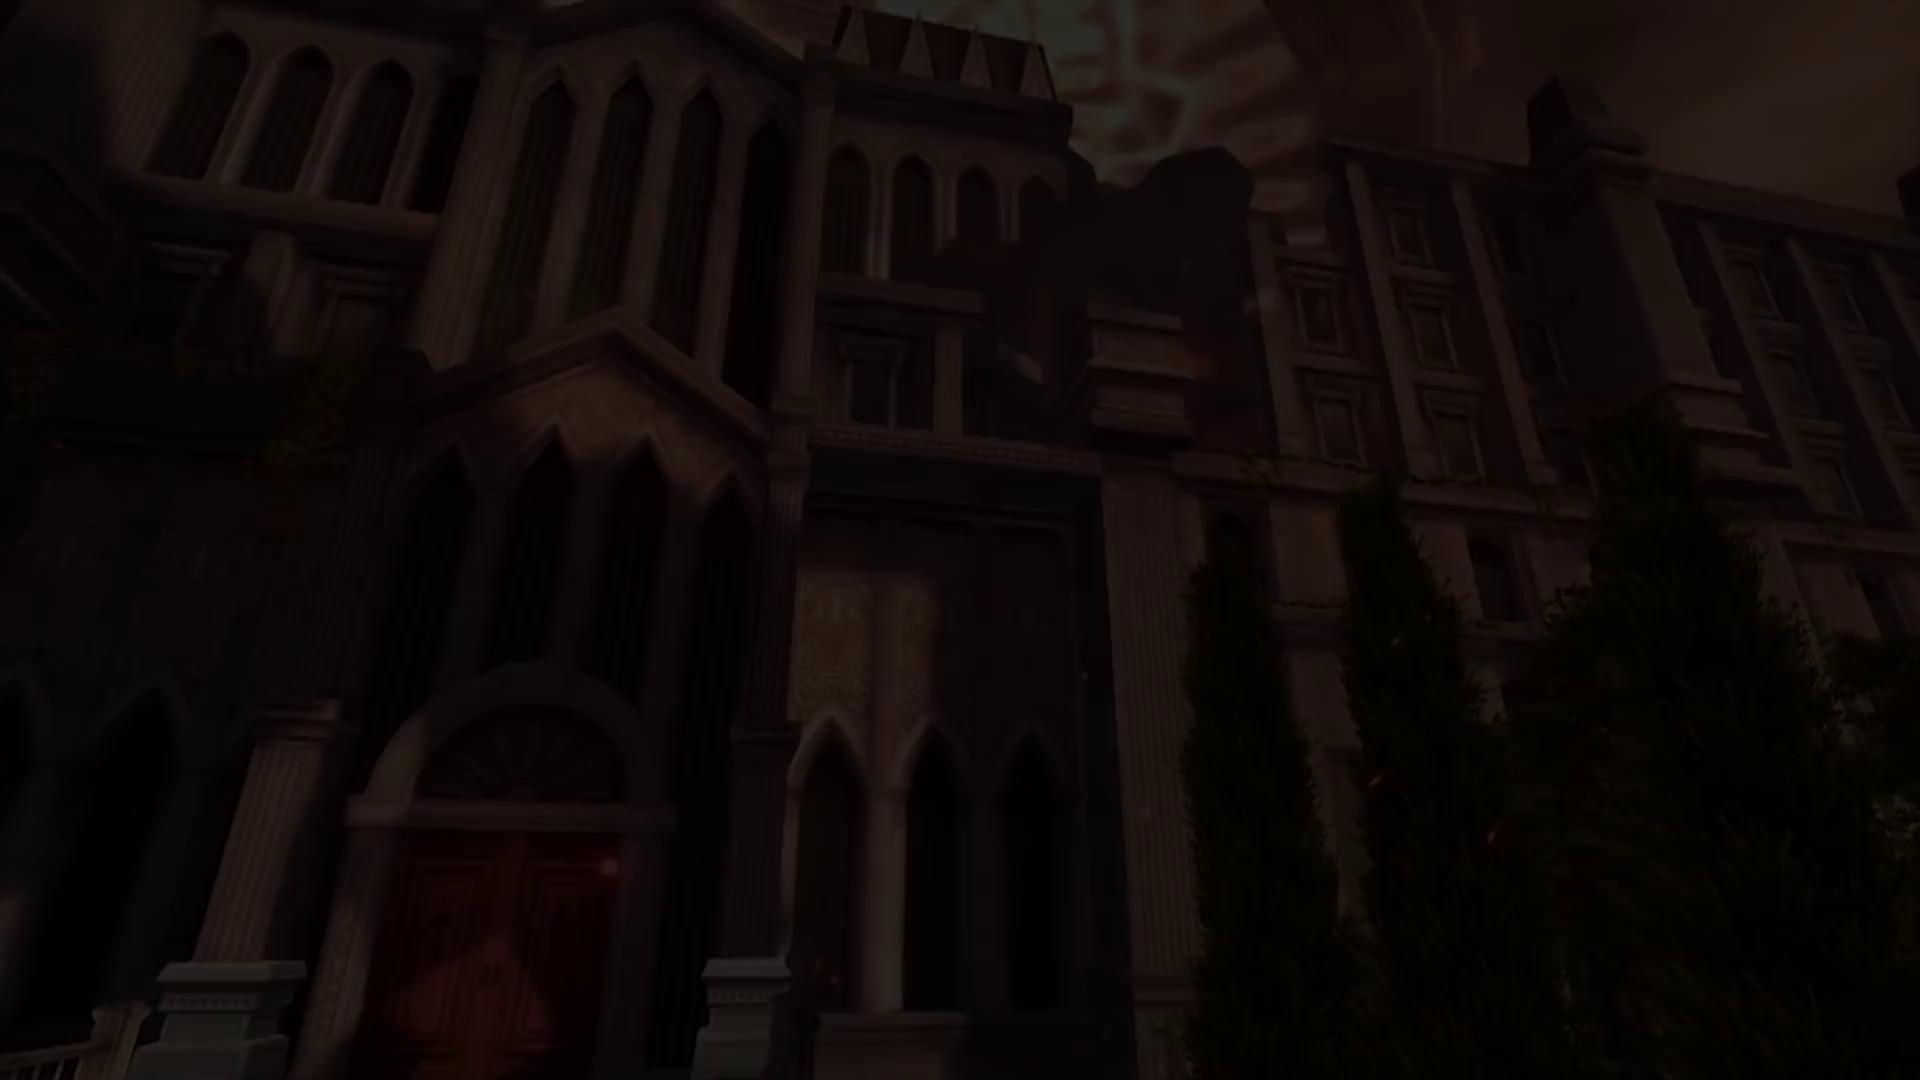 Final Fantasy: The Awakening - Bom tấn MMORPG hay hơn cả bản gốc đã ra mắt